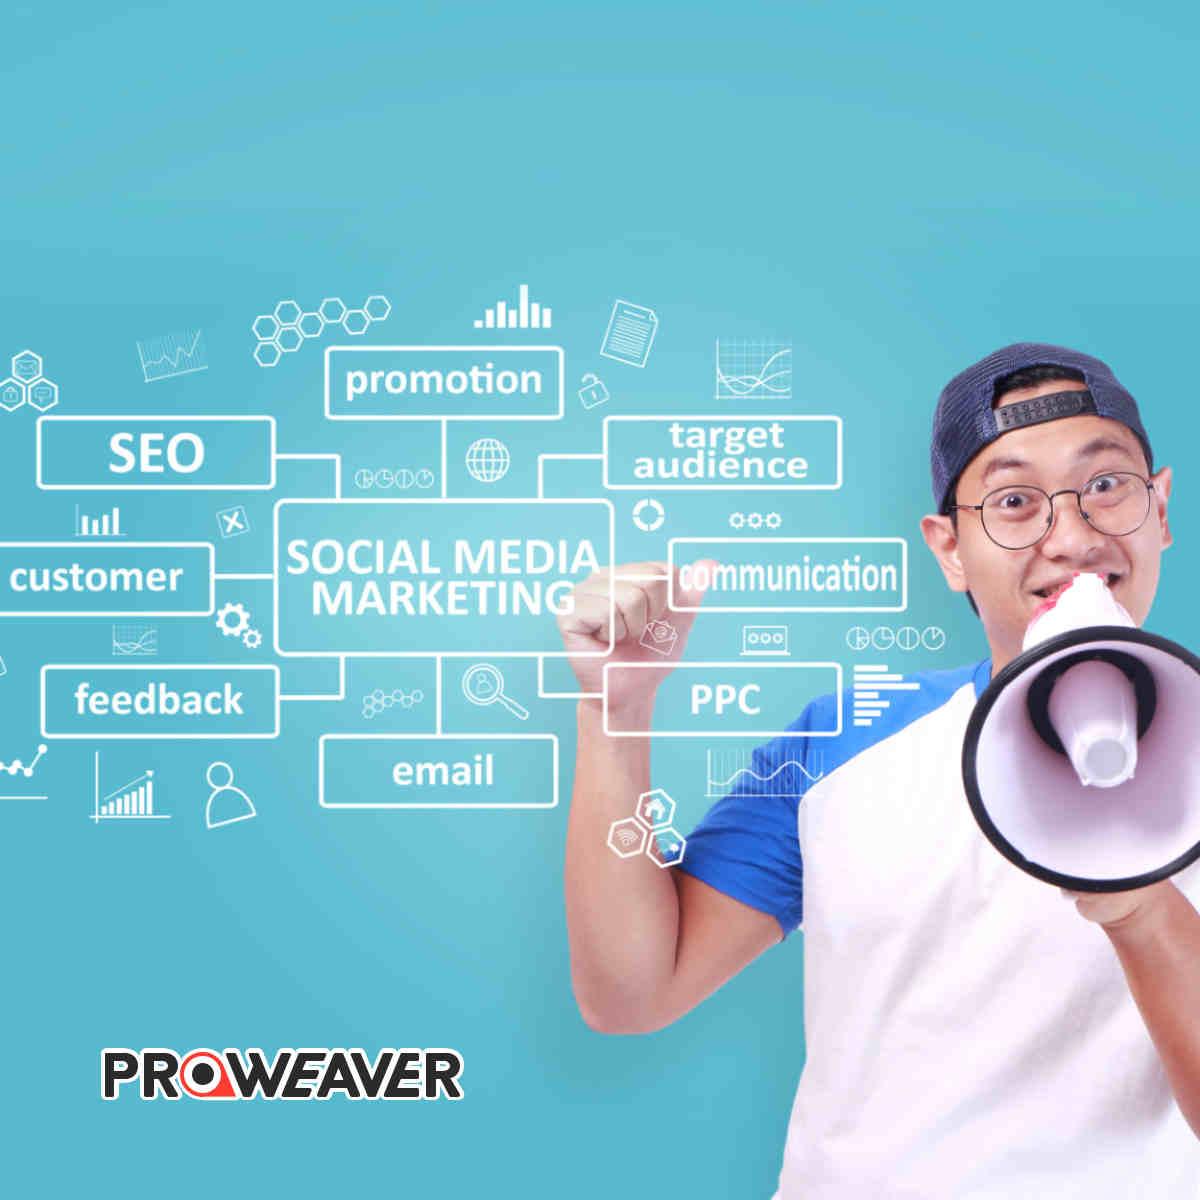 person-on-social-media-marketing